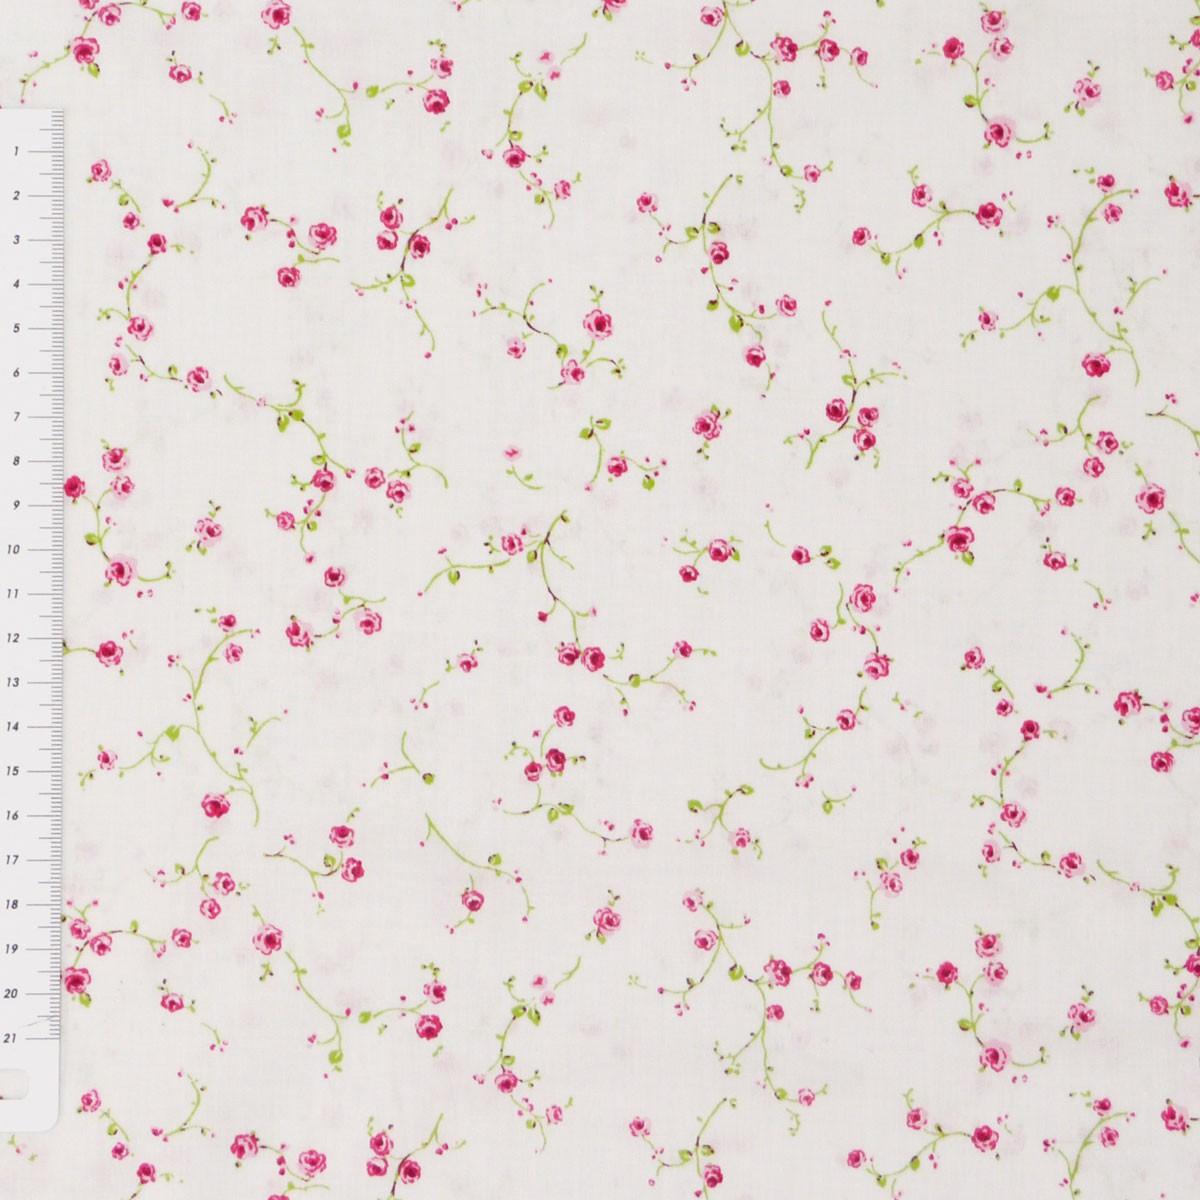 6 39 1qm baumwollstoff stoff blumen rosen girlande wei. Black Bedroom Furniture Sets. Home Design Ideas